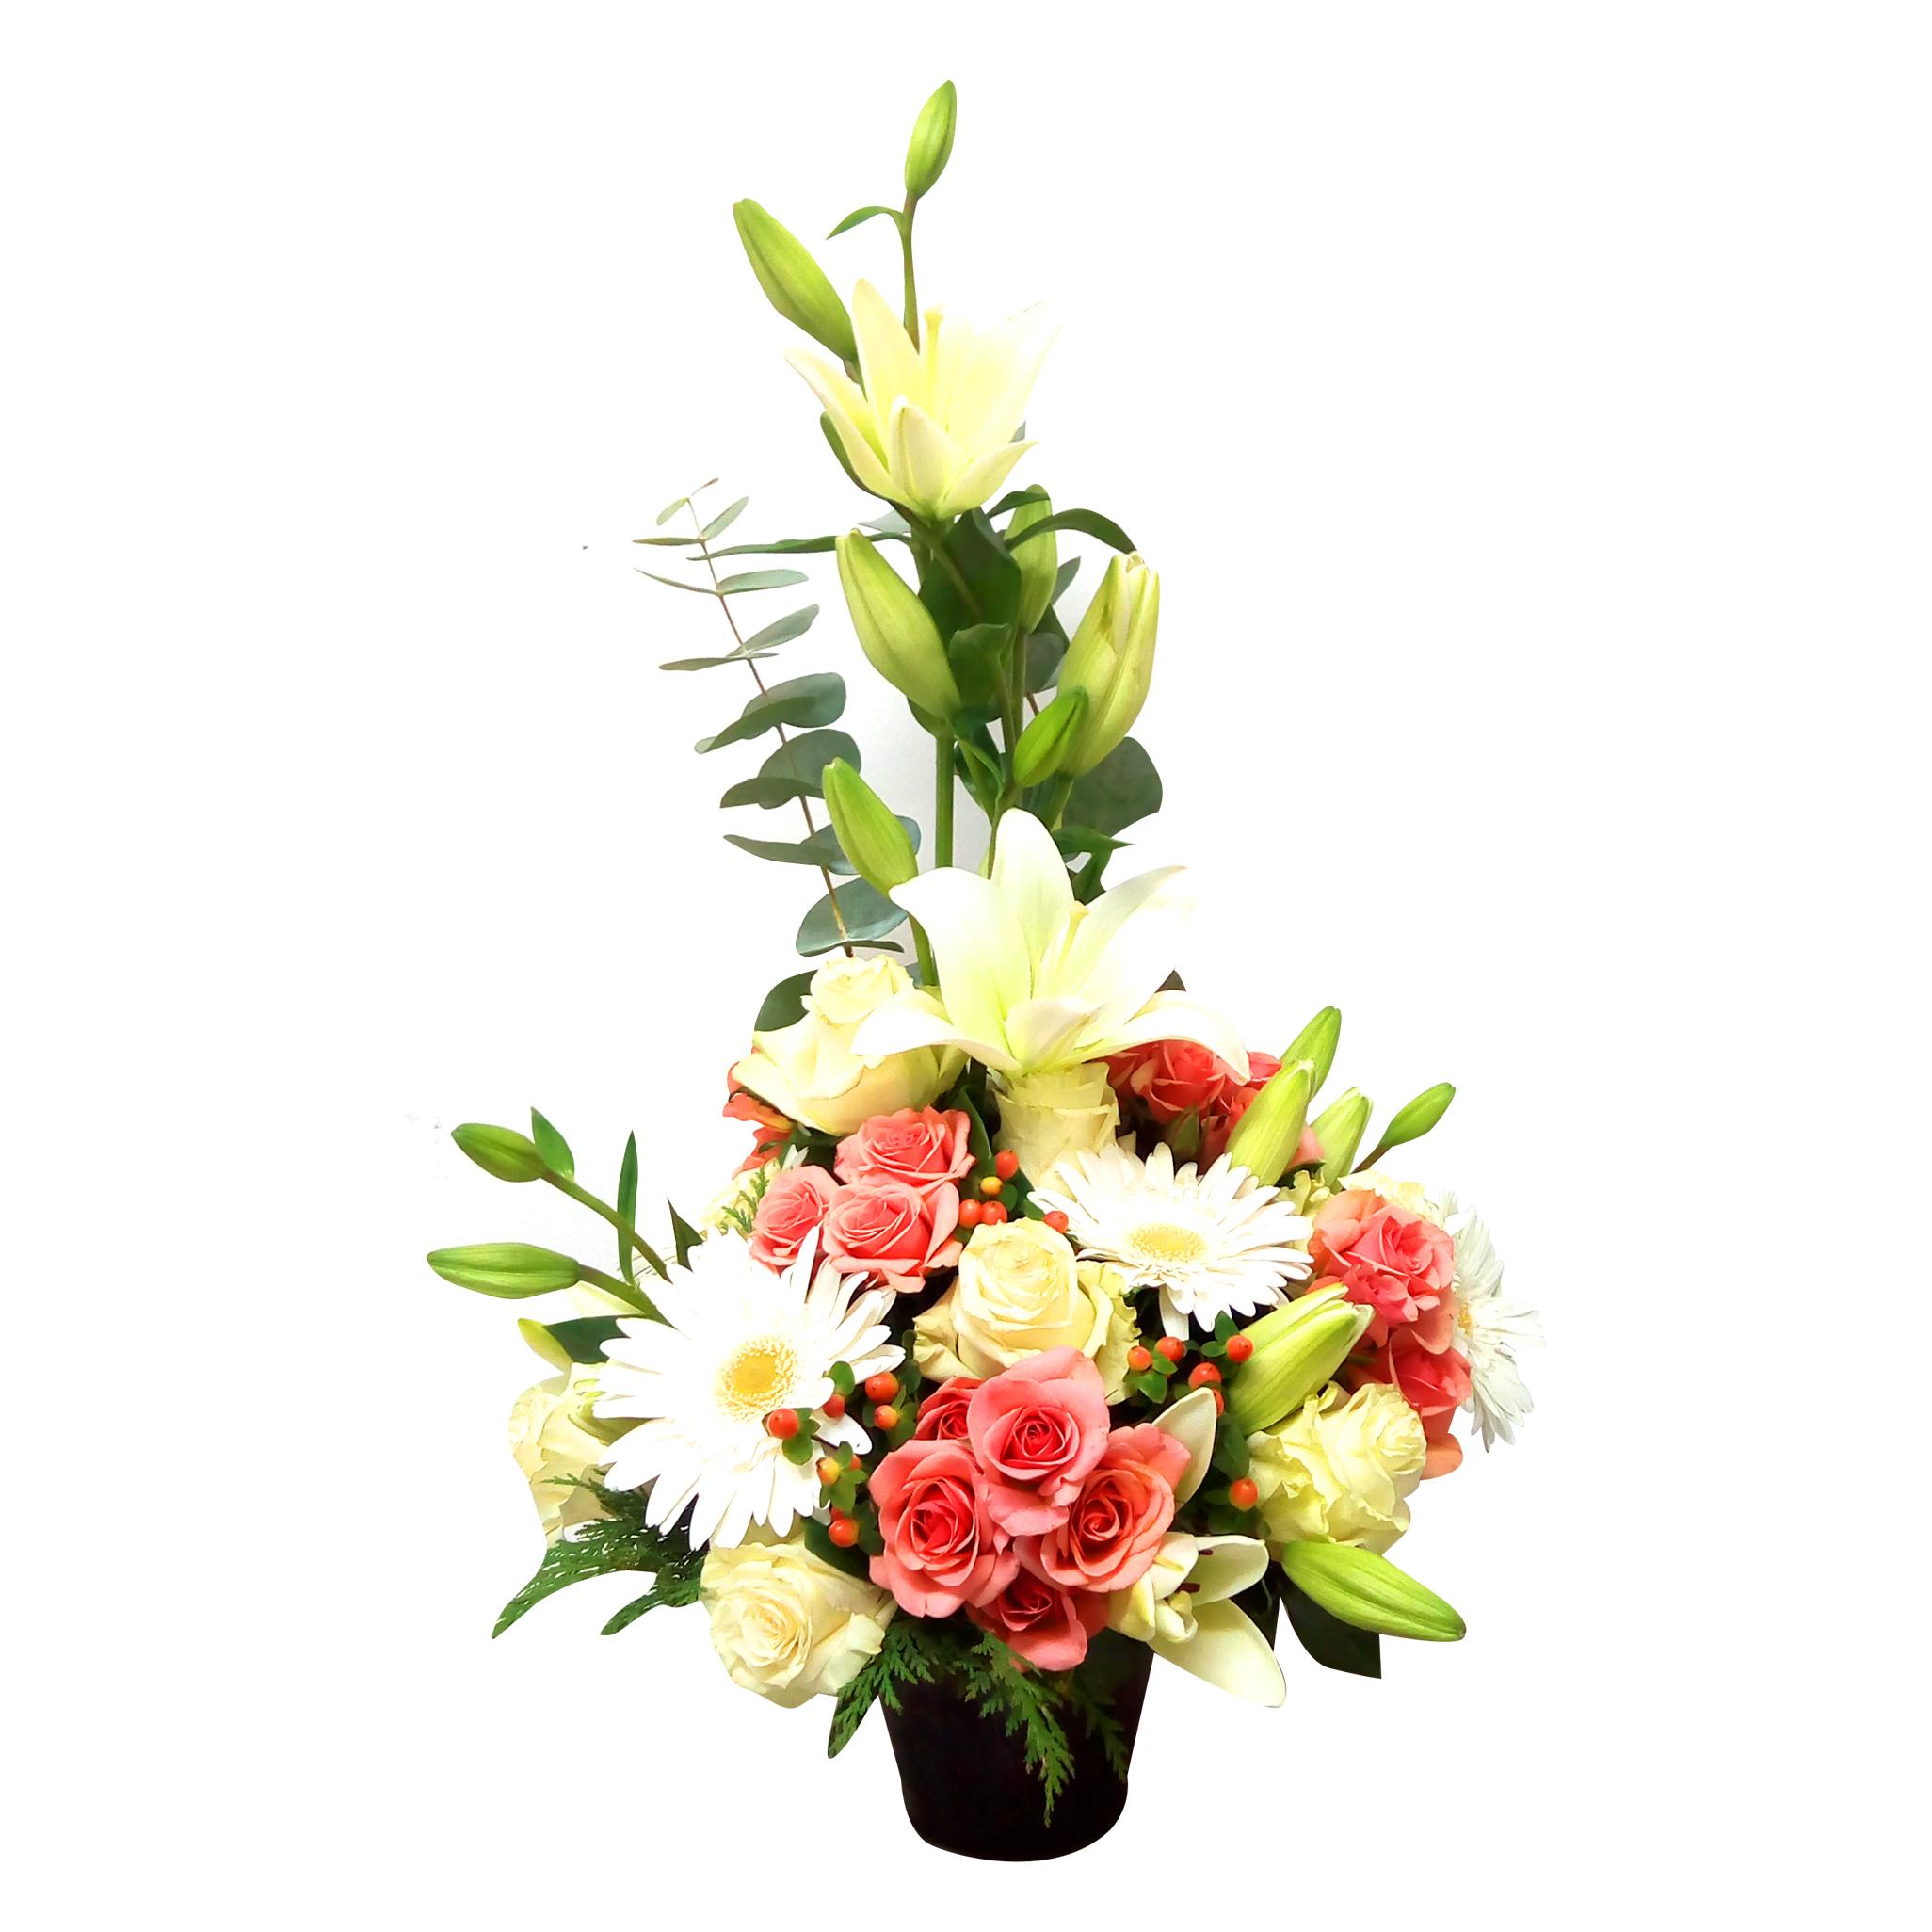 Canastillos con Rosas, Lilium, Gerberas mas Hypericum